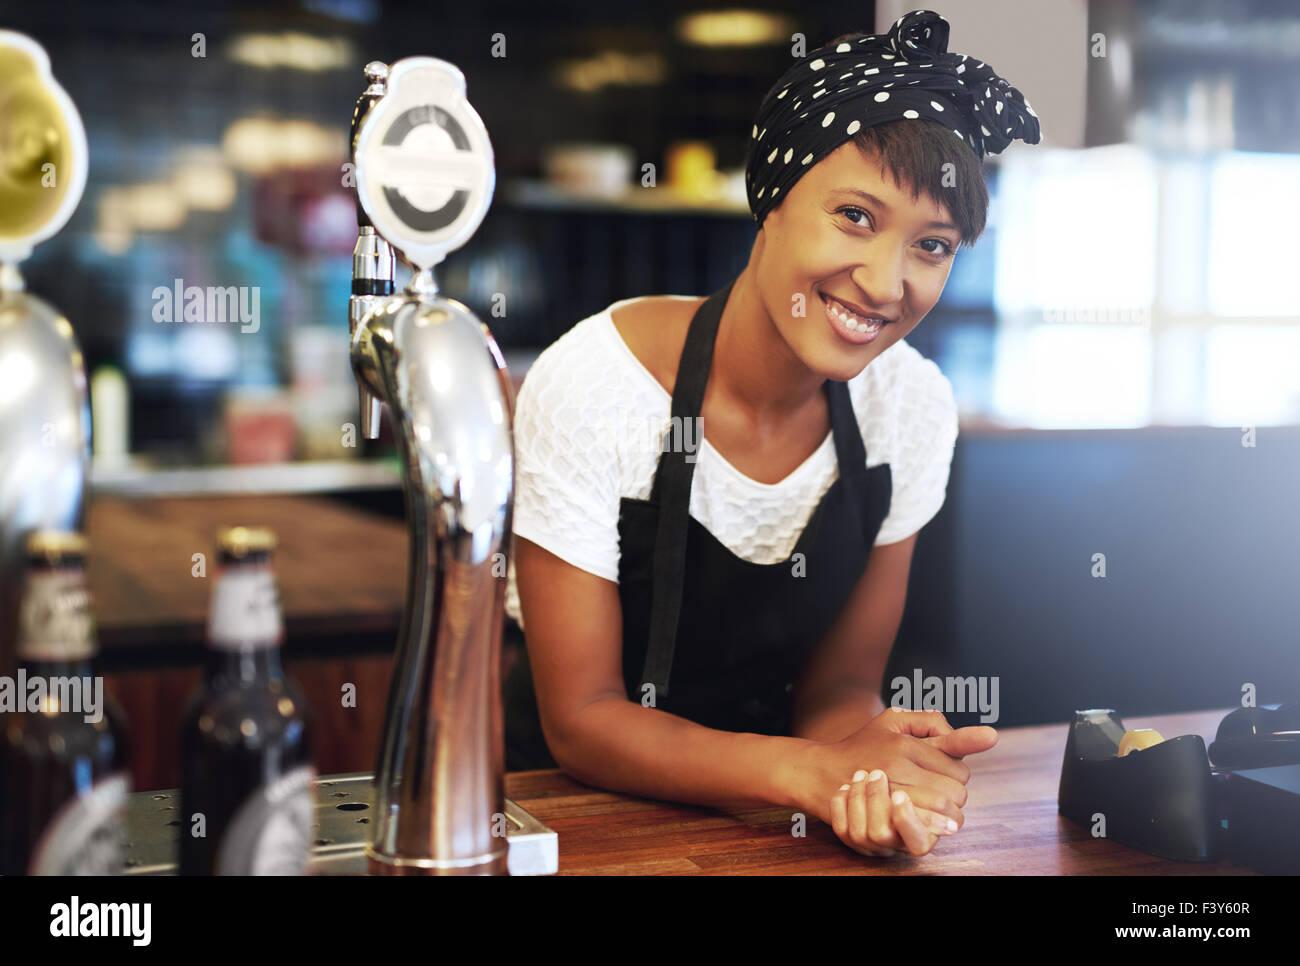 Attraktive junge afroamerikanische Kleinunternehmer gekleidet in ein Kopftuch und Schürze gelehnt auf dem Tresen Stockbild